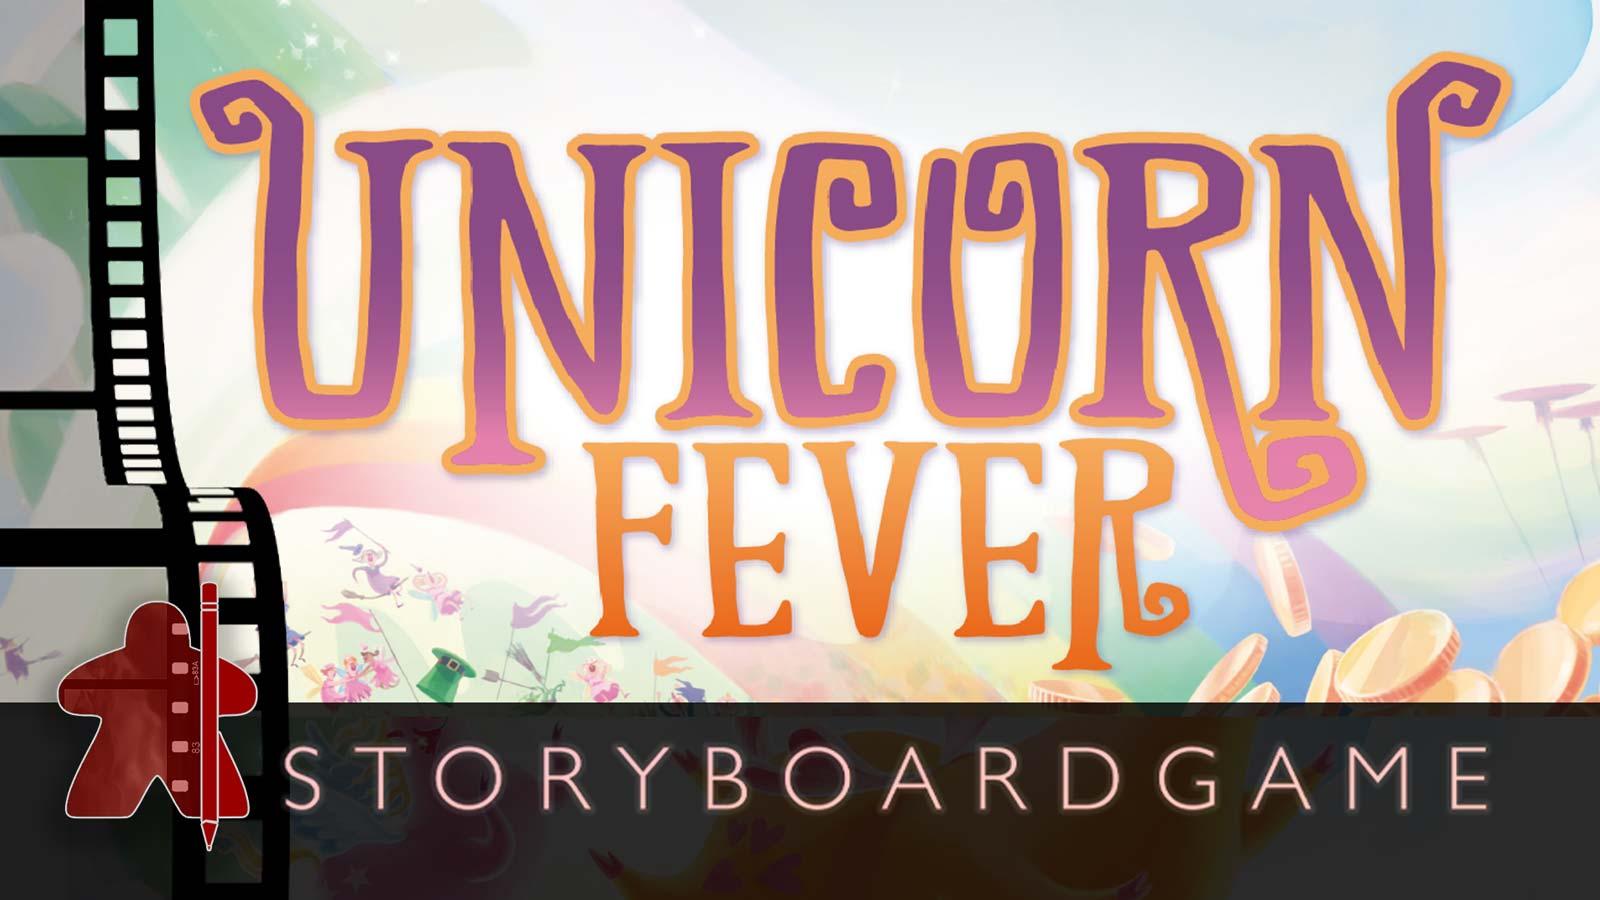 Storyboardgame – Unicorn Fever